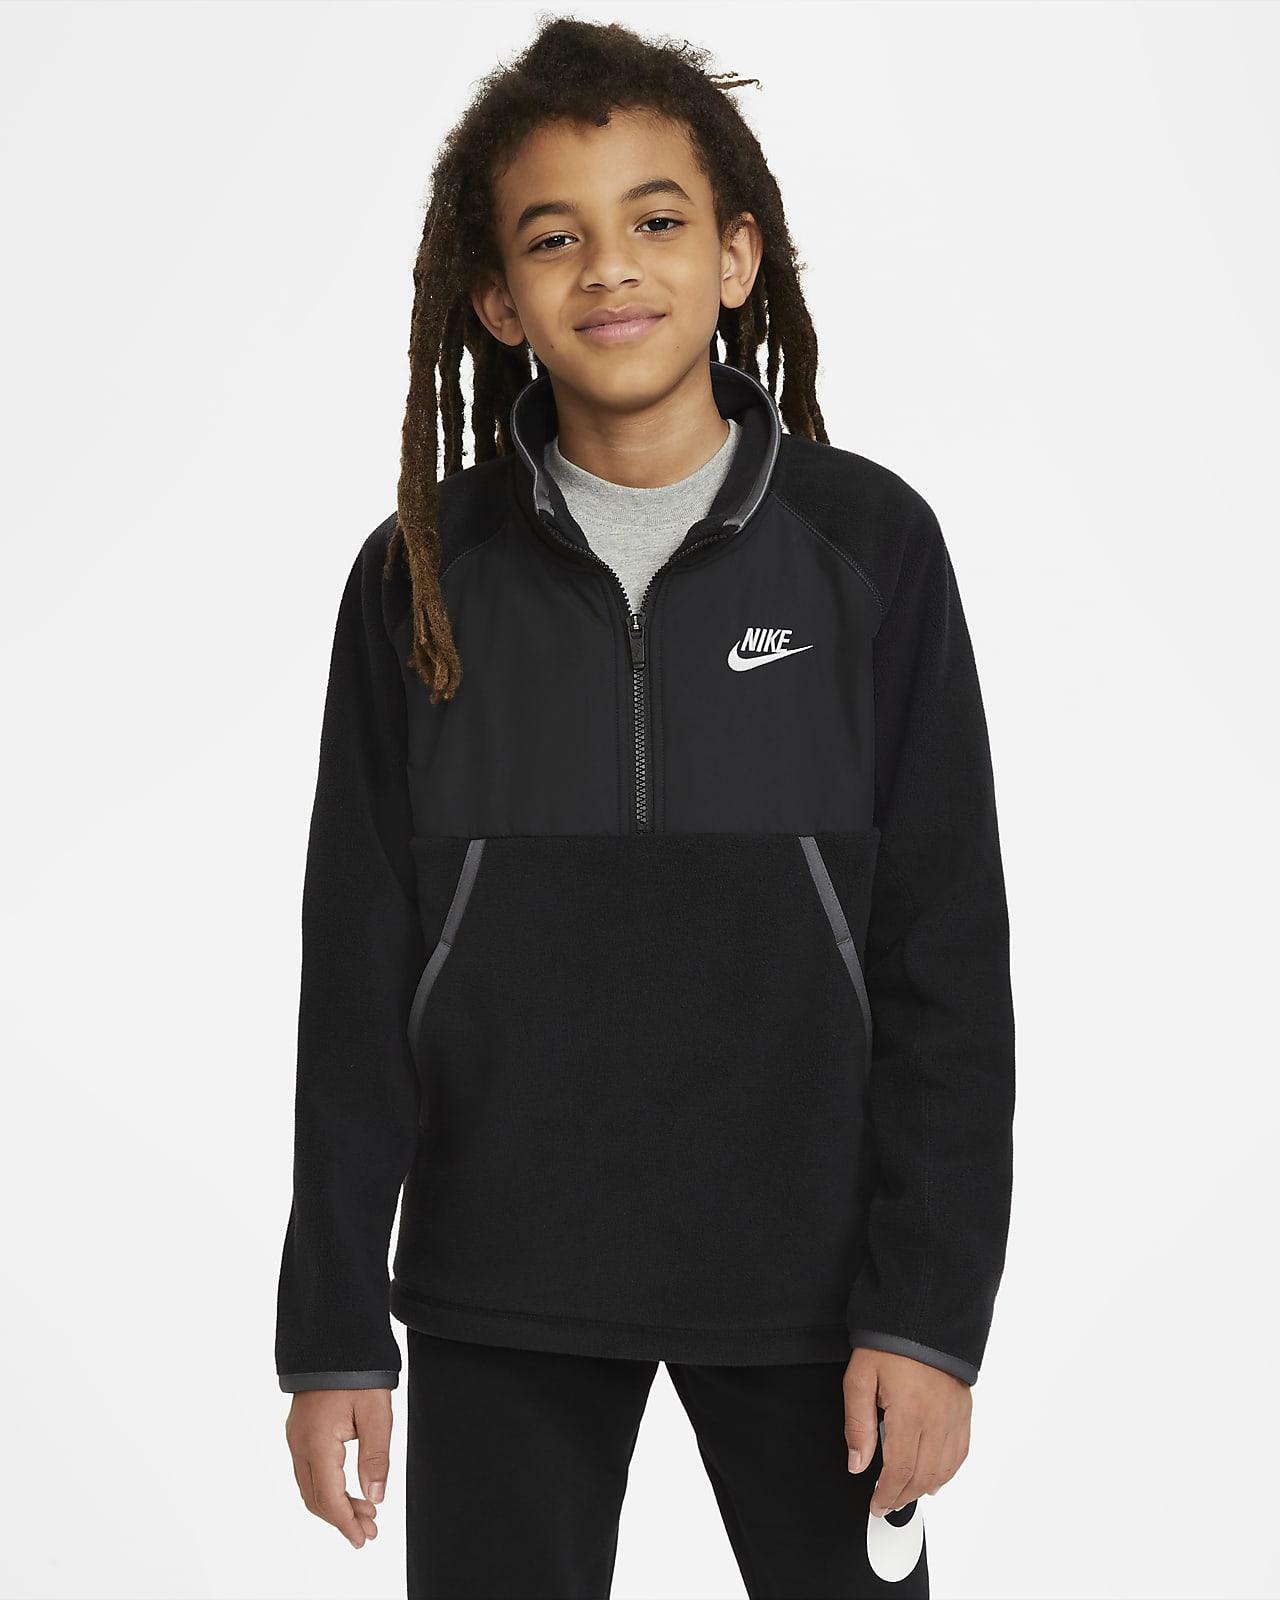 Nike Sportswear Winter-Hoodie mit Halbreißverschluss für ältere Kinder (Jungen)